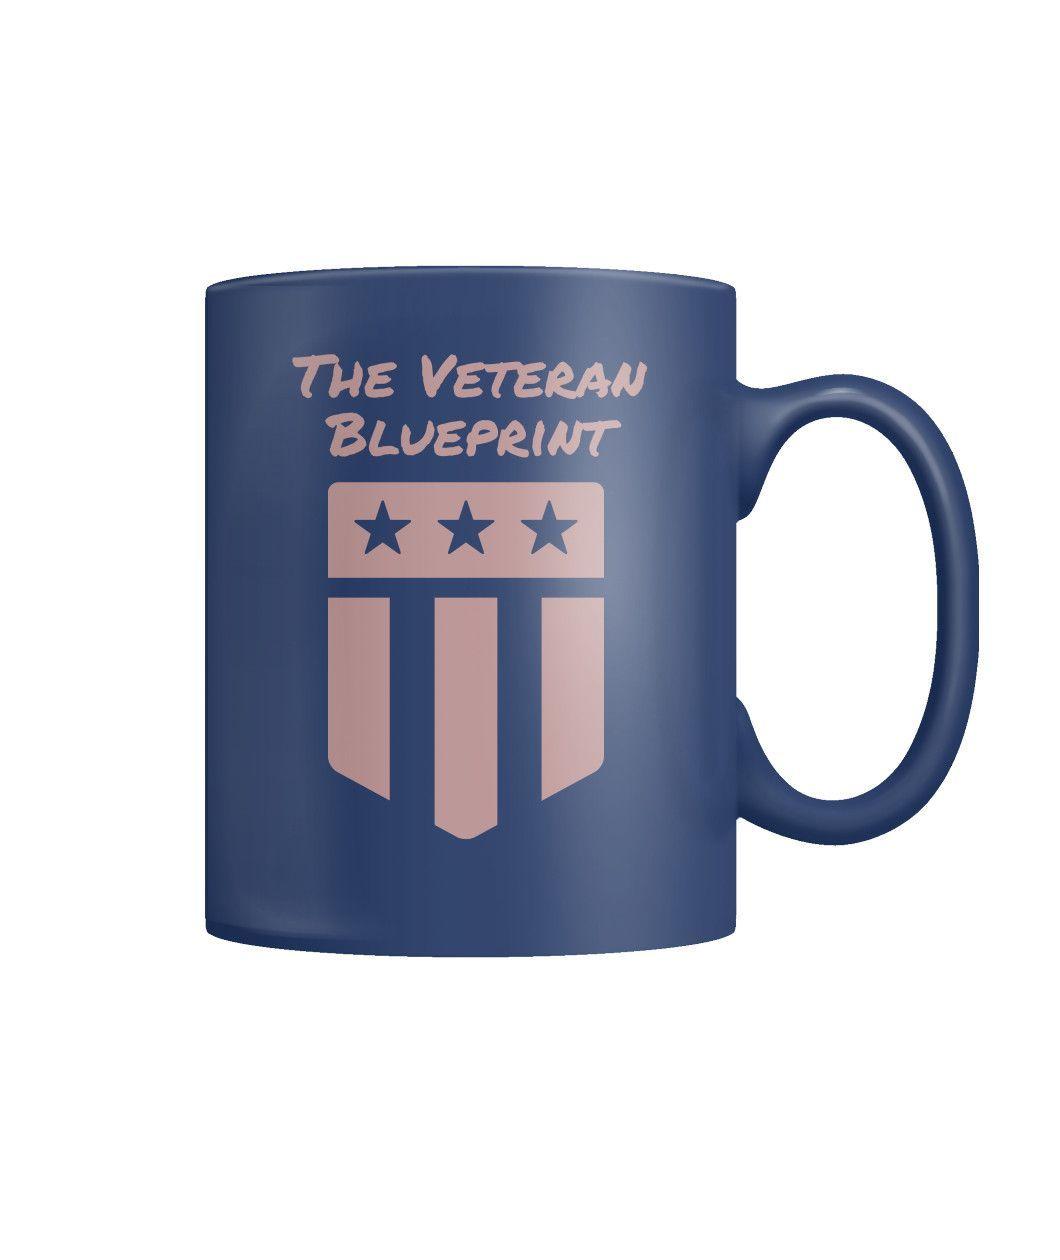 The blueprint mug products pinterest products the blueprint mug malvernweather Choice Image